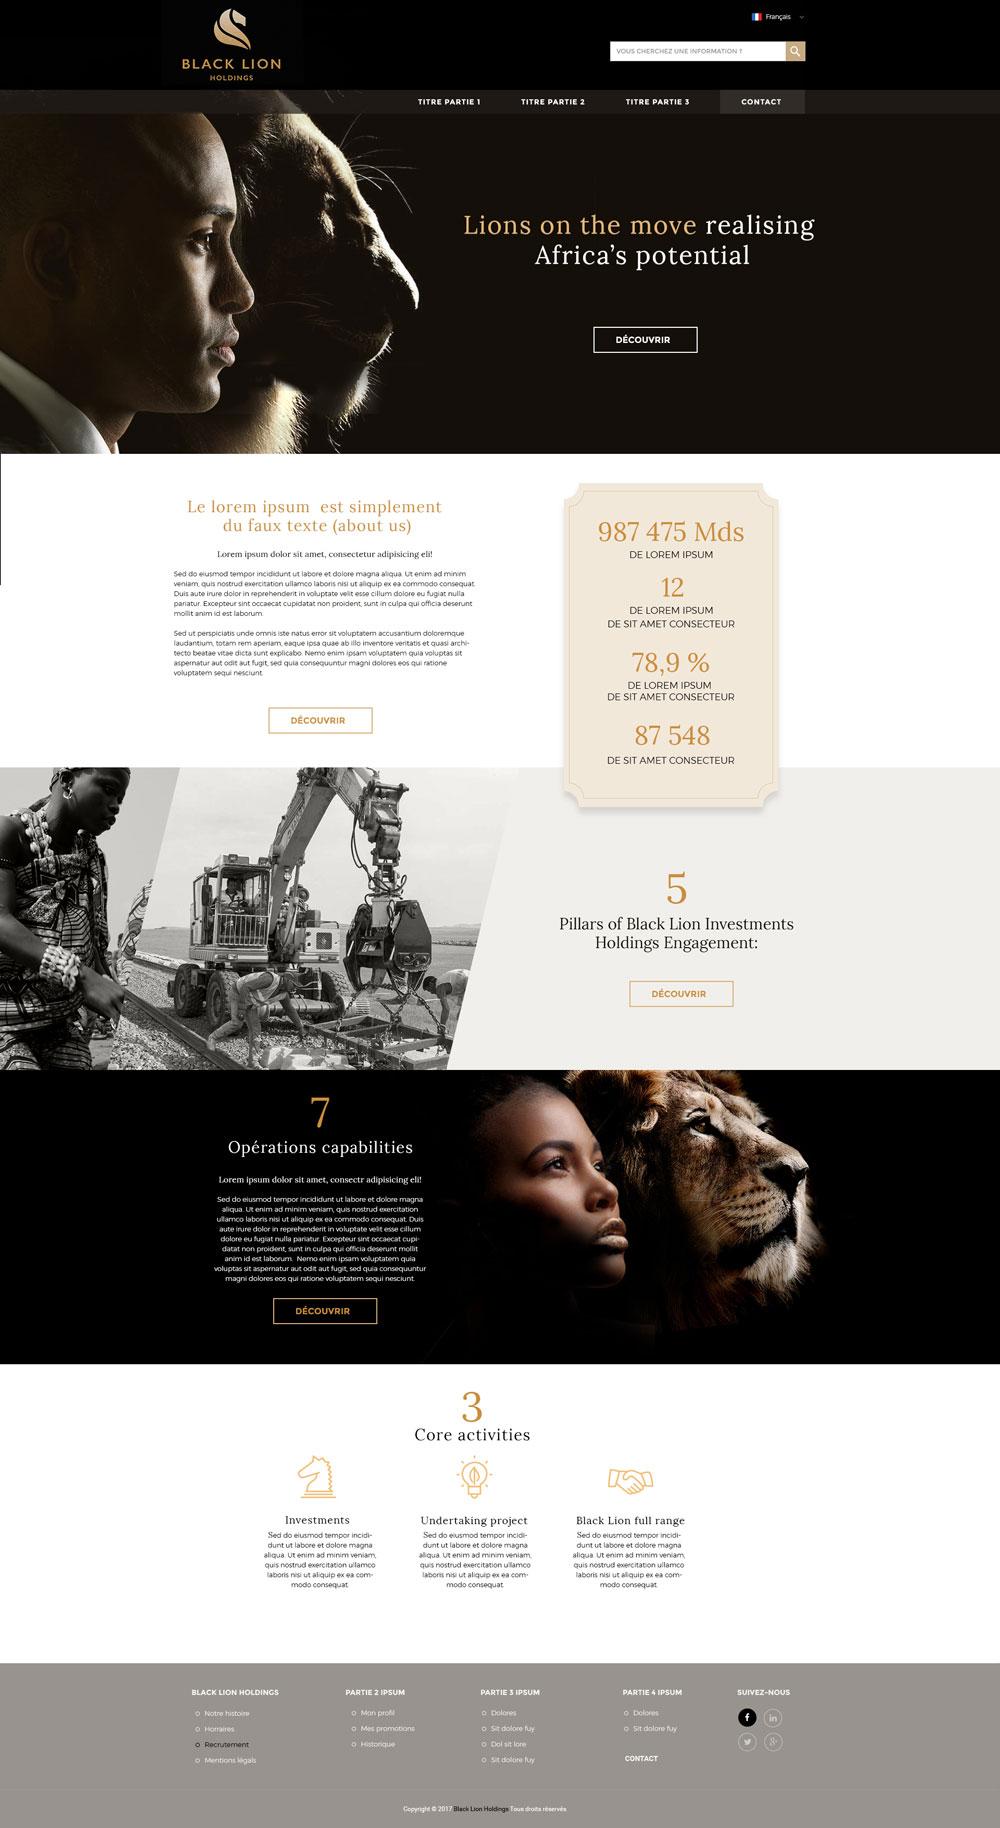 blacklion-website